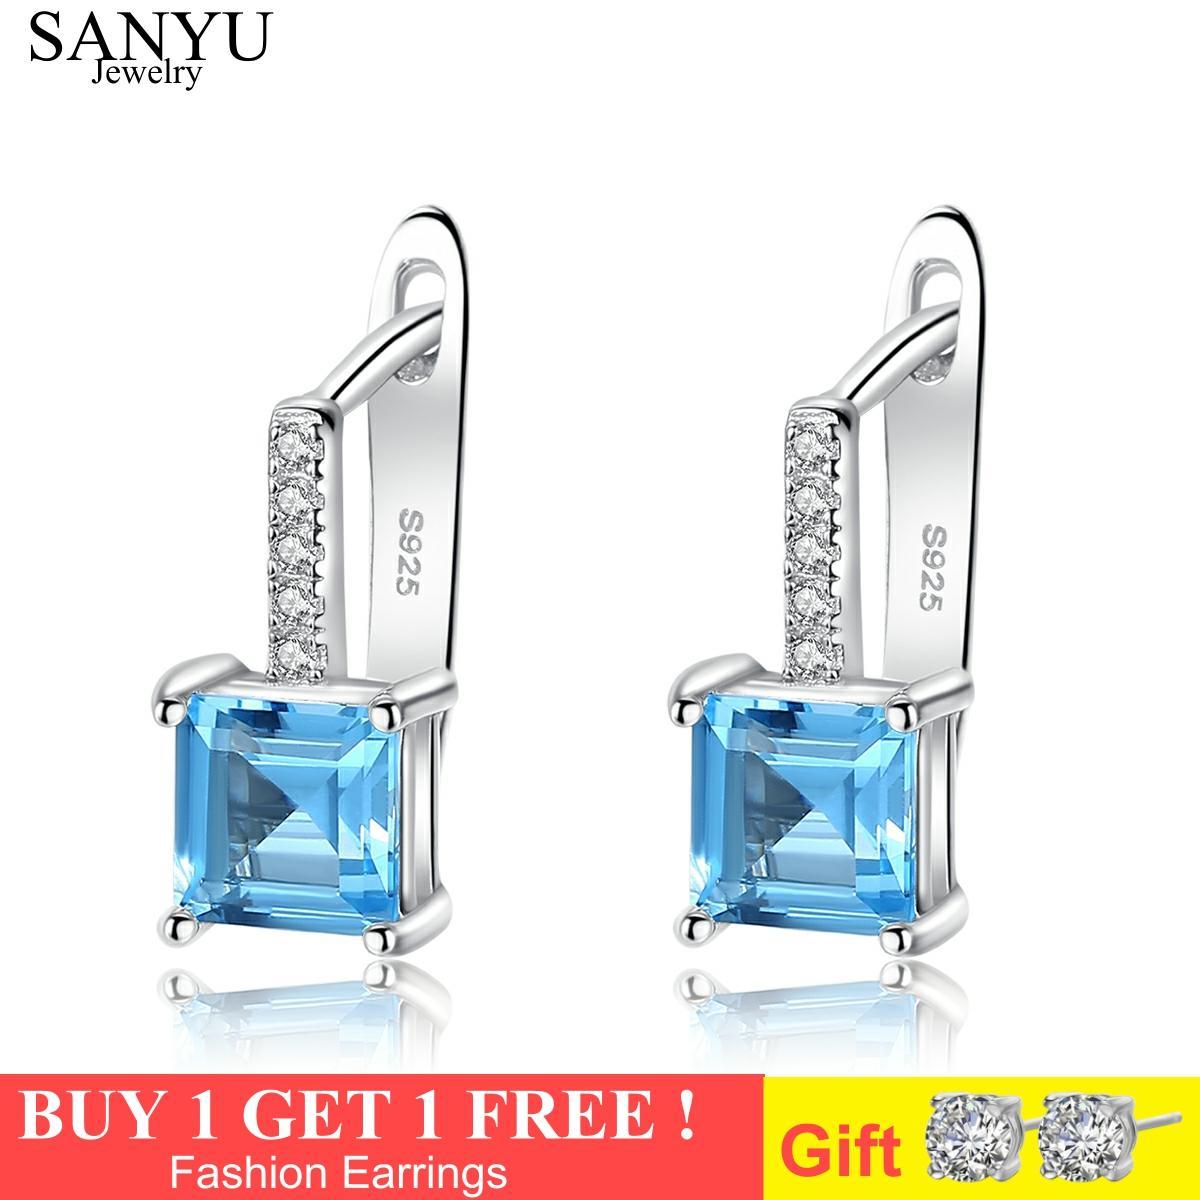 SANYU Topacio azul cielo piedras preciosas pendientes de tuerca para las mujeres sólida plata 925 joyería fina al por mayor regalo de boda SE9108